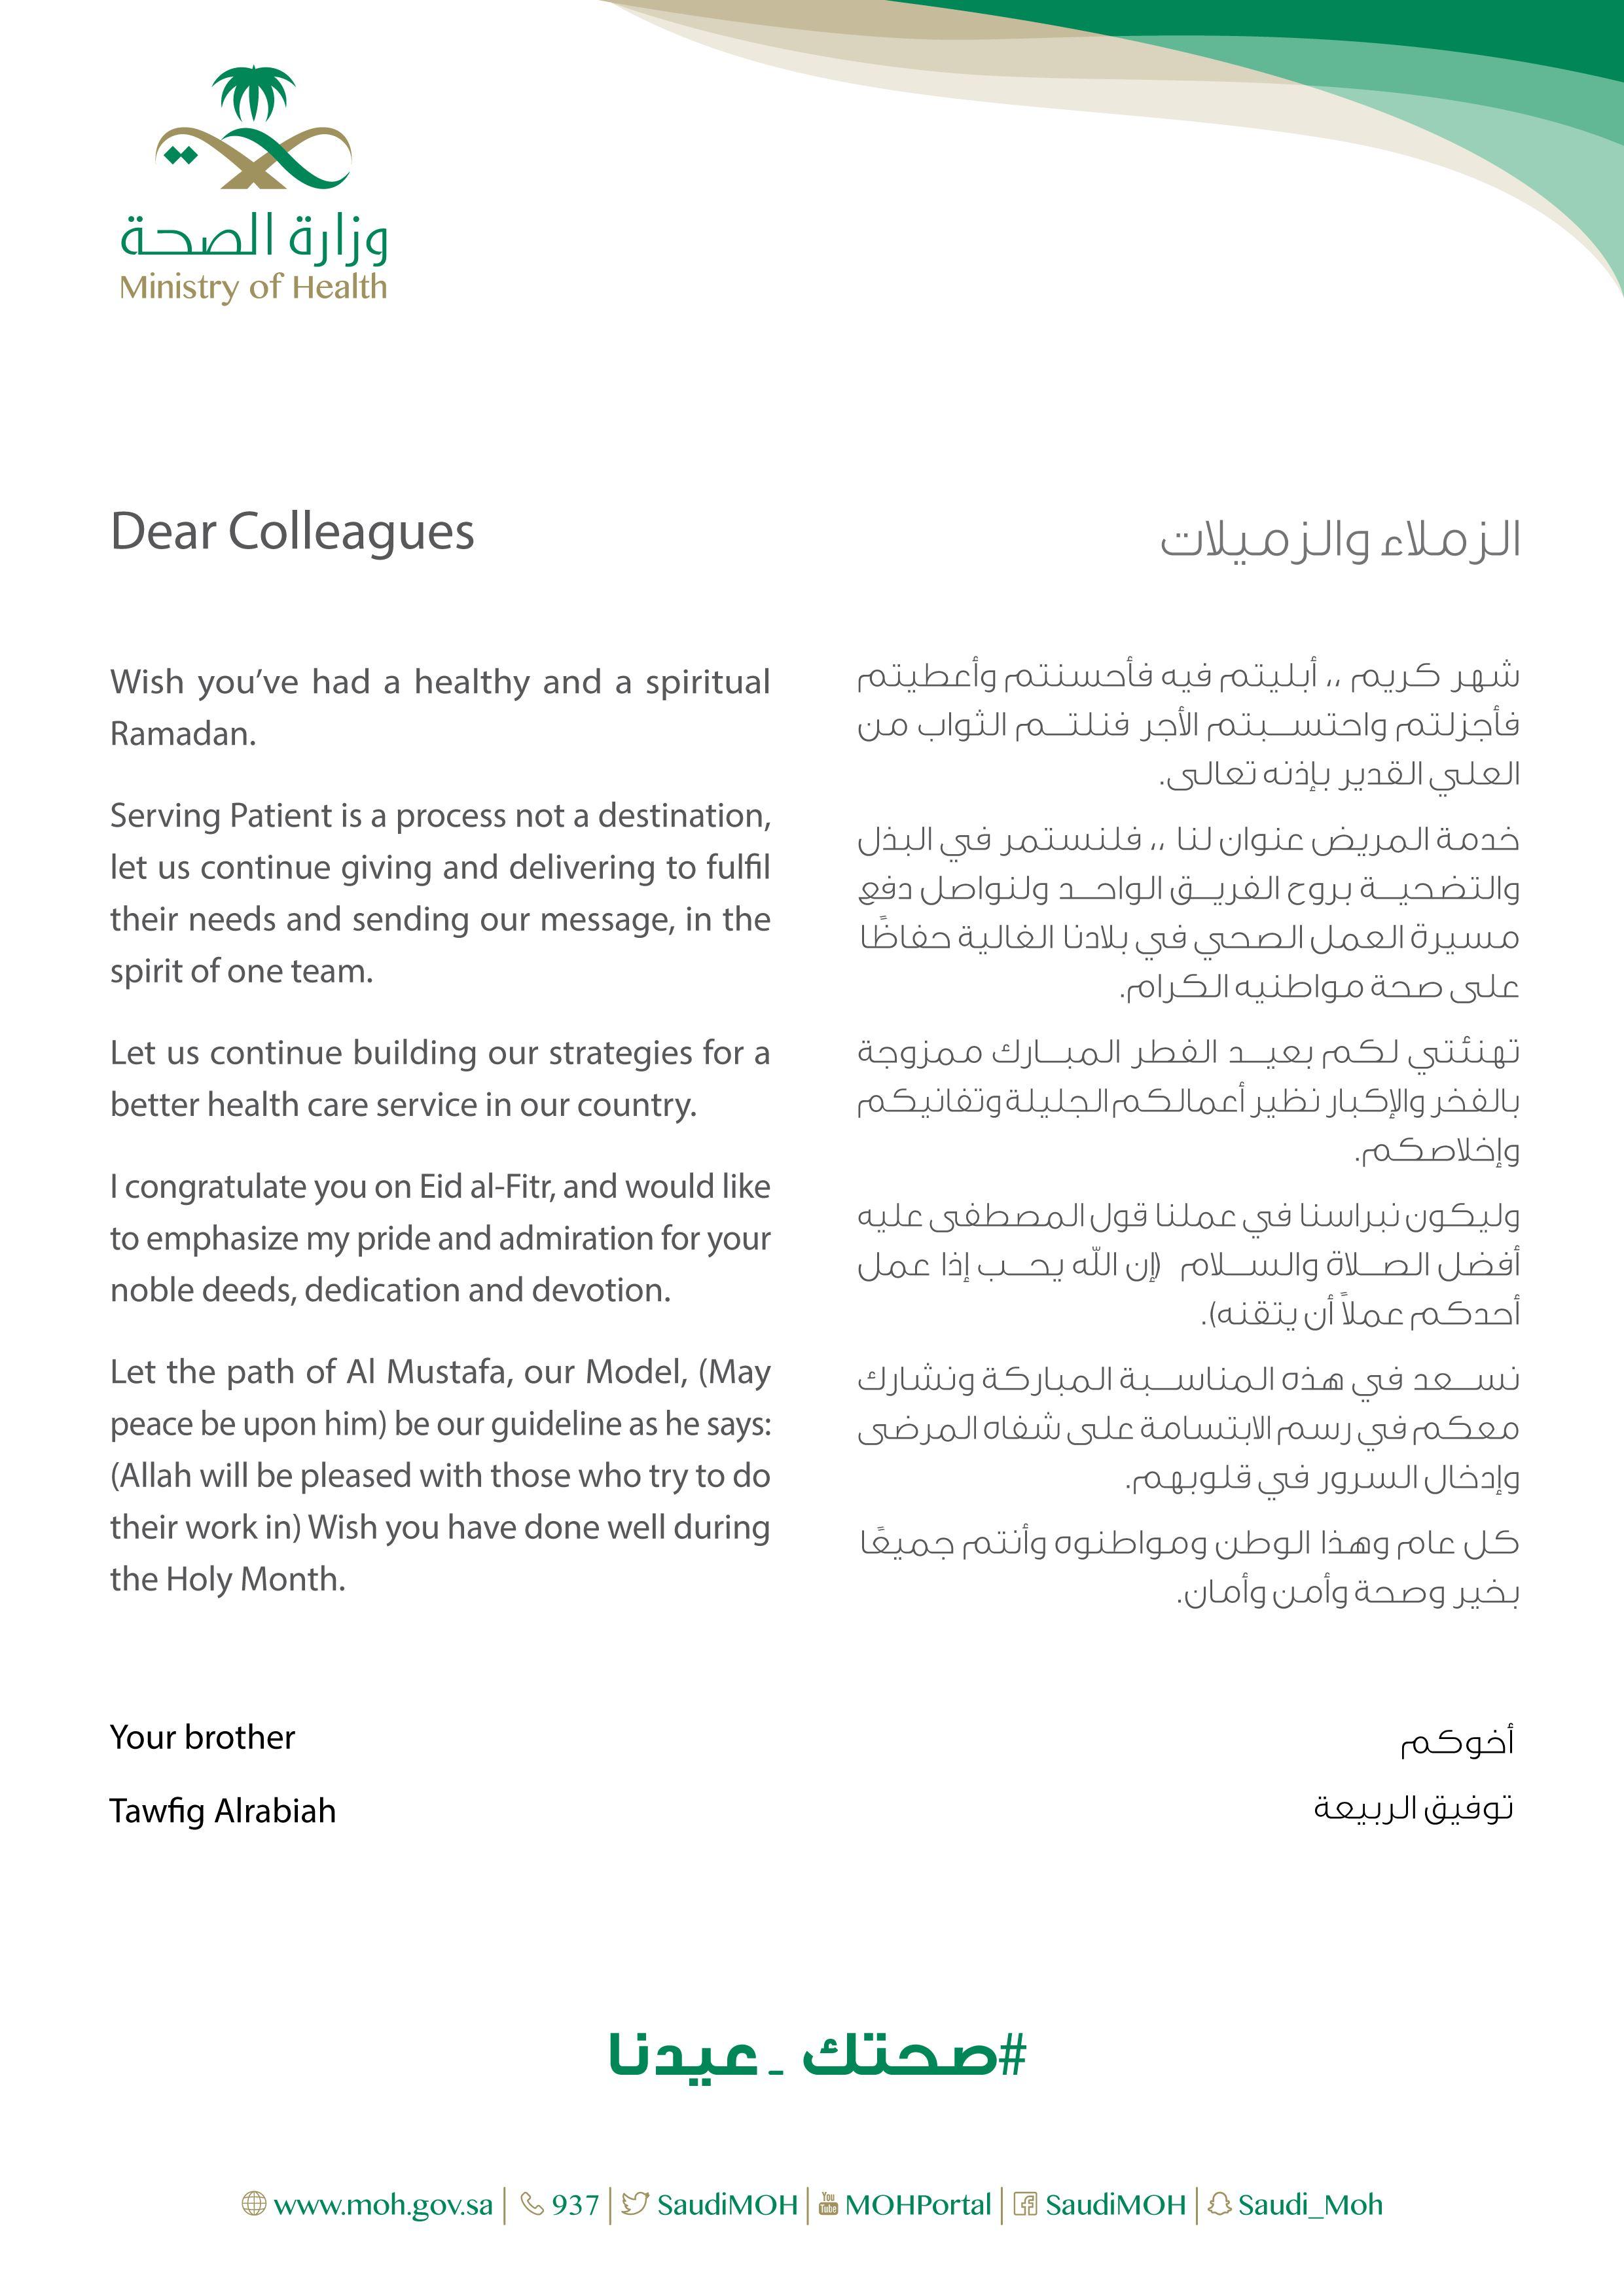 عن الوزير تهنئة معالي وزير الصحة بمناسبة عيد الفطر المبارك 1439هـ